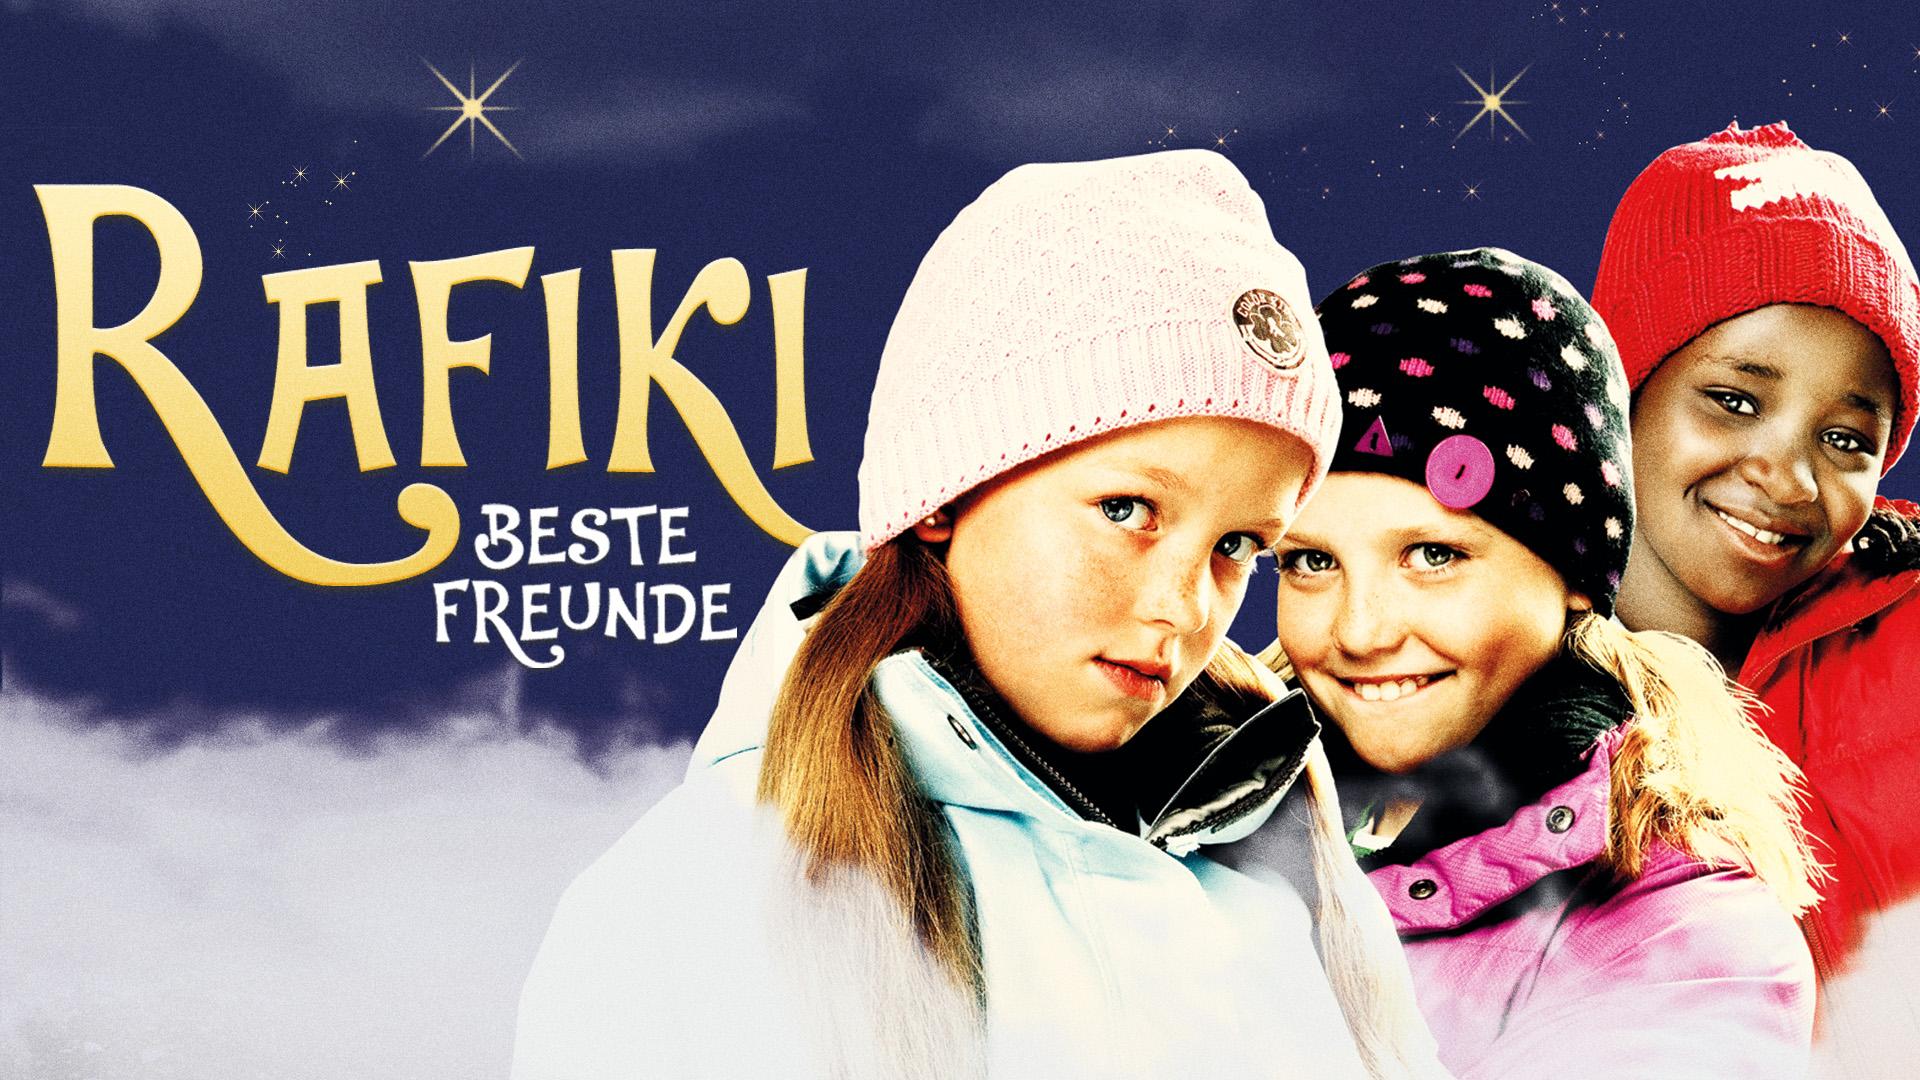 Rafiki - Beste Freunde